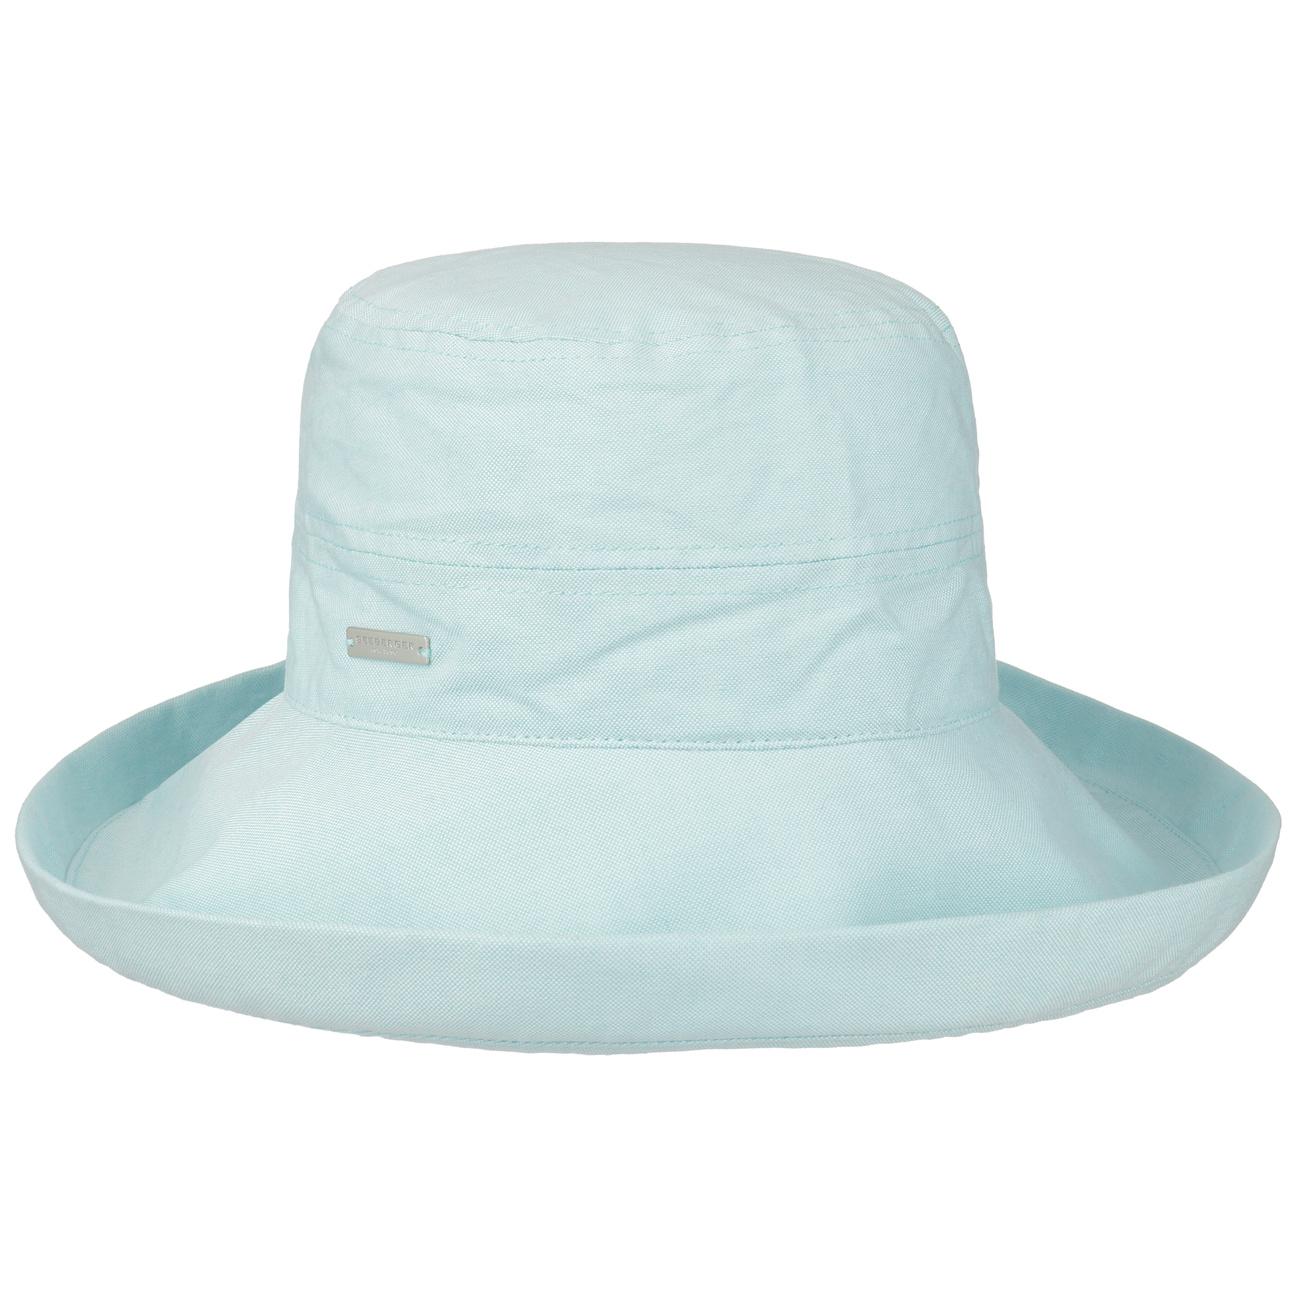 Chapeau de Soleil Chambry by Seeberger  chapeau en tissu